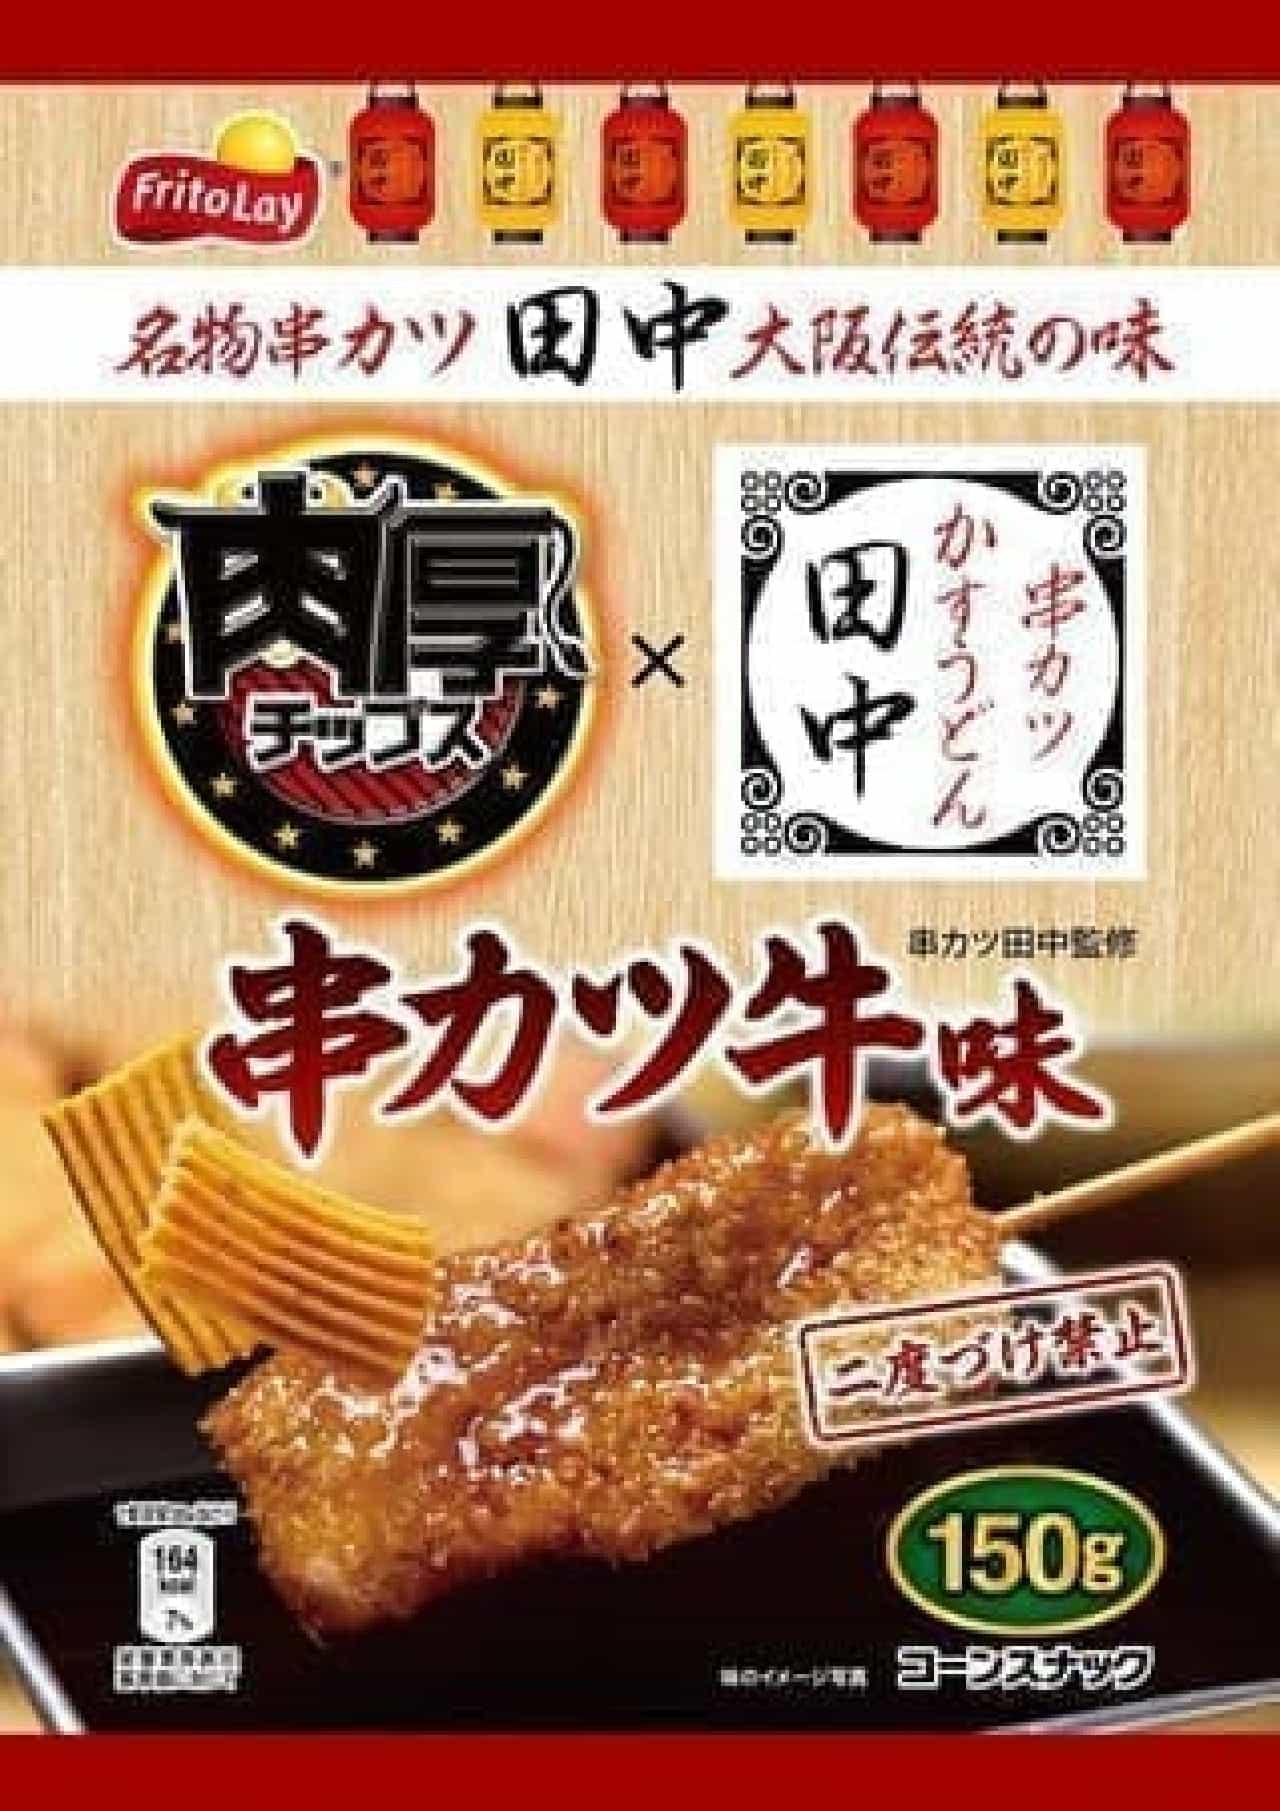 ローソン「肉厚チップス 串カツ田中 串牛カツ味」